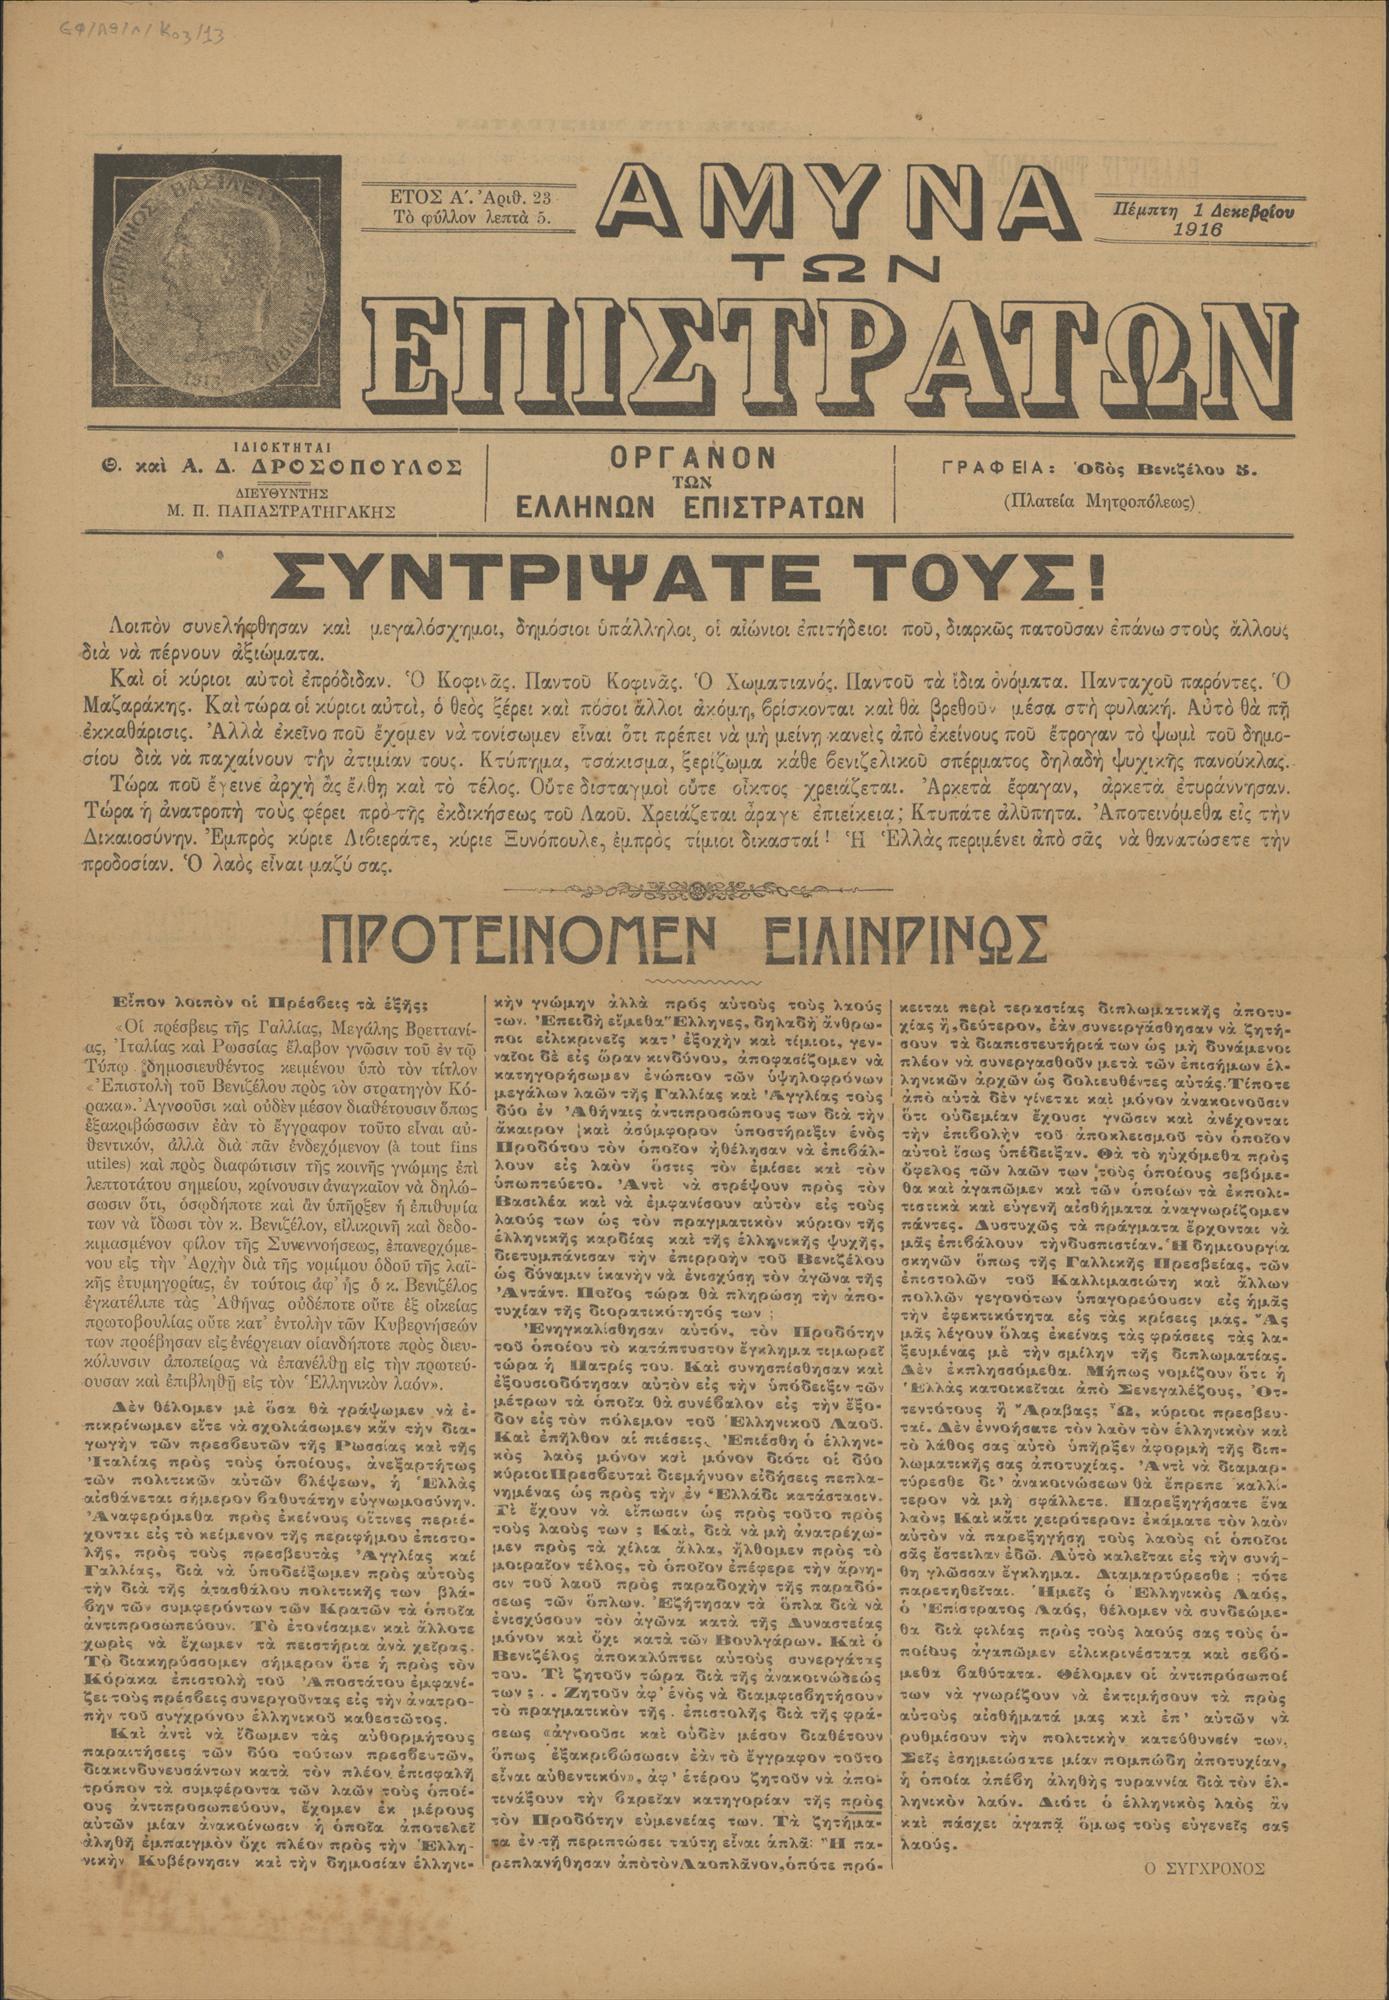 Εφημερίδα της οργάνωσης των Επιστράτων